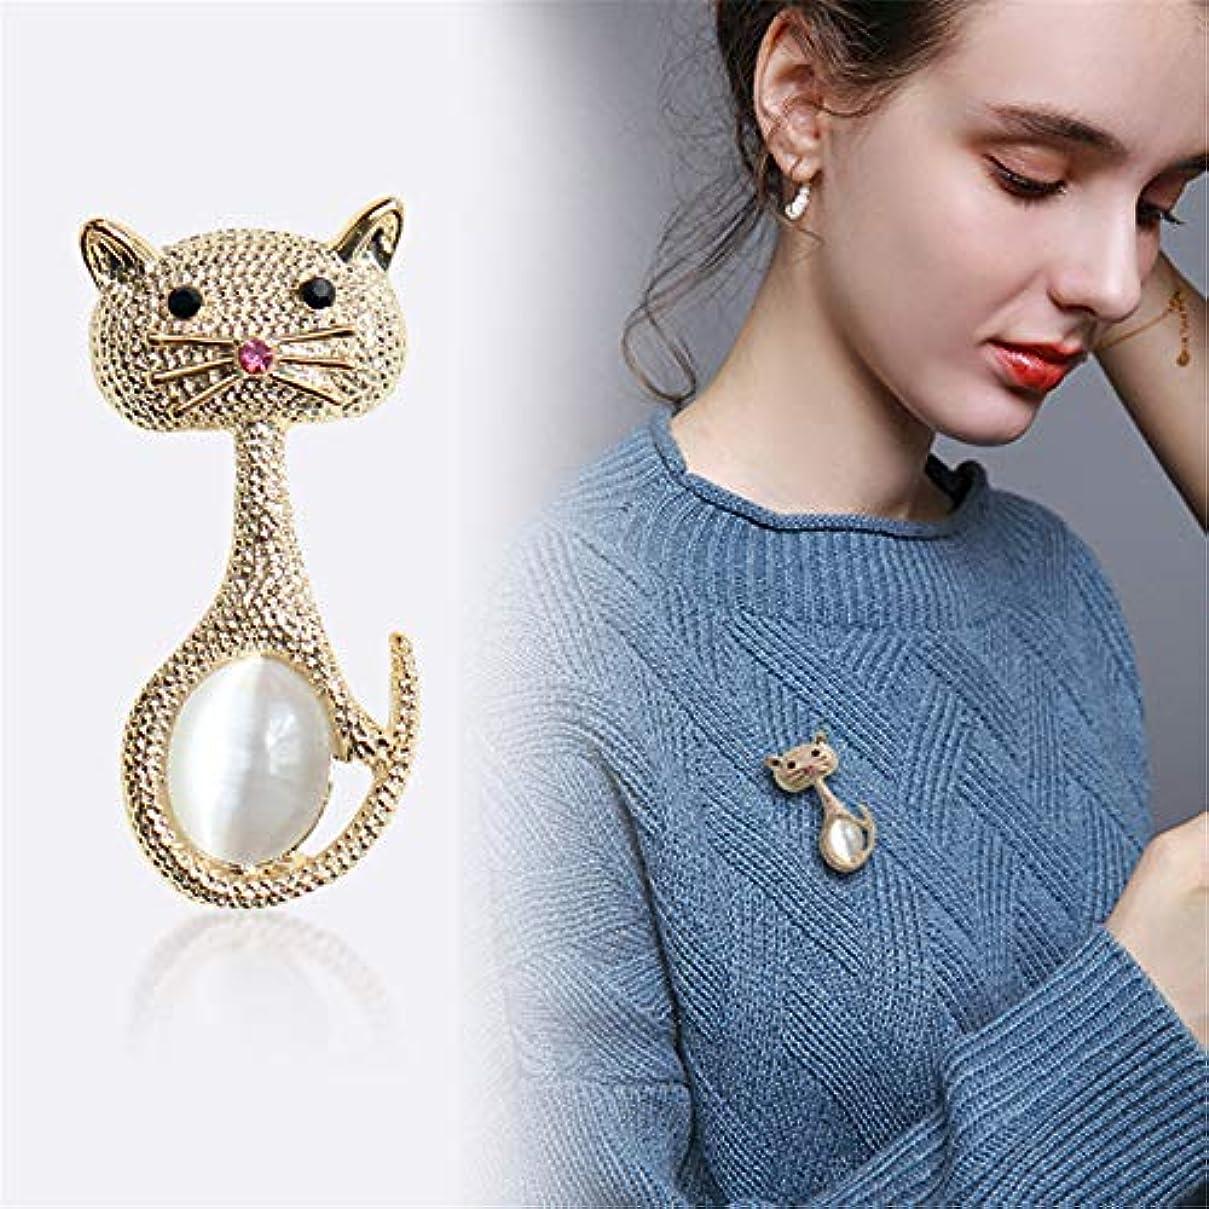 錫受け取るポーン生地と花石鹸の花 男性と女性のための人工オパールBoutonniere小さなピンとかわいいかわいい猫のブローチ